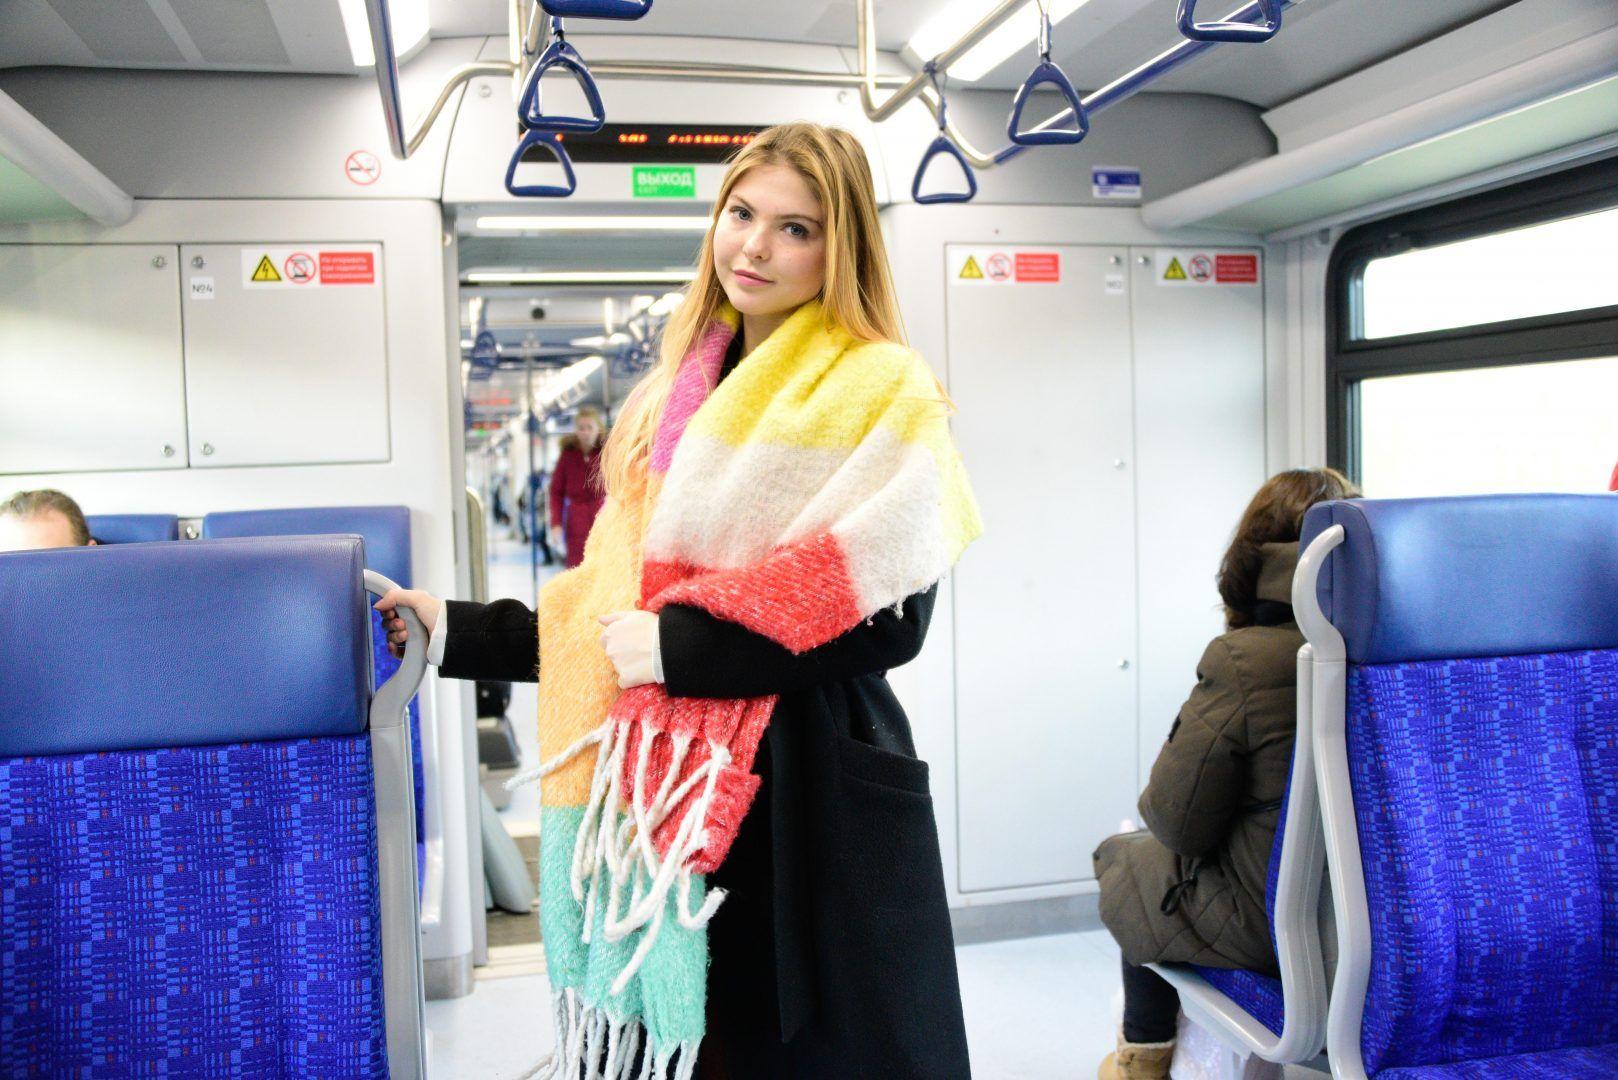 Пассажиры МЦД смогут сэкономить на оплате проезда до 7 млрд рублей в год.Фото: архив, «Вечерняя Москва»